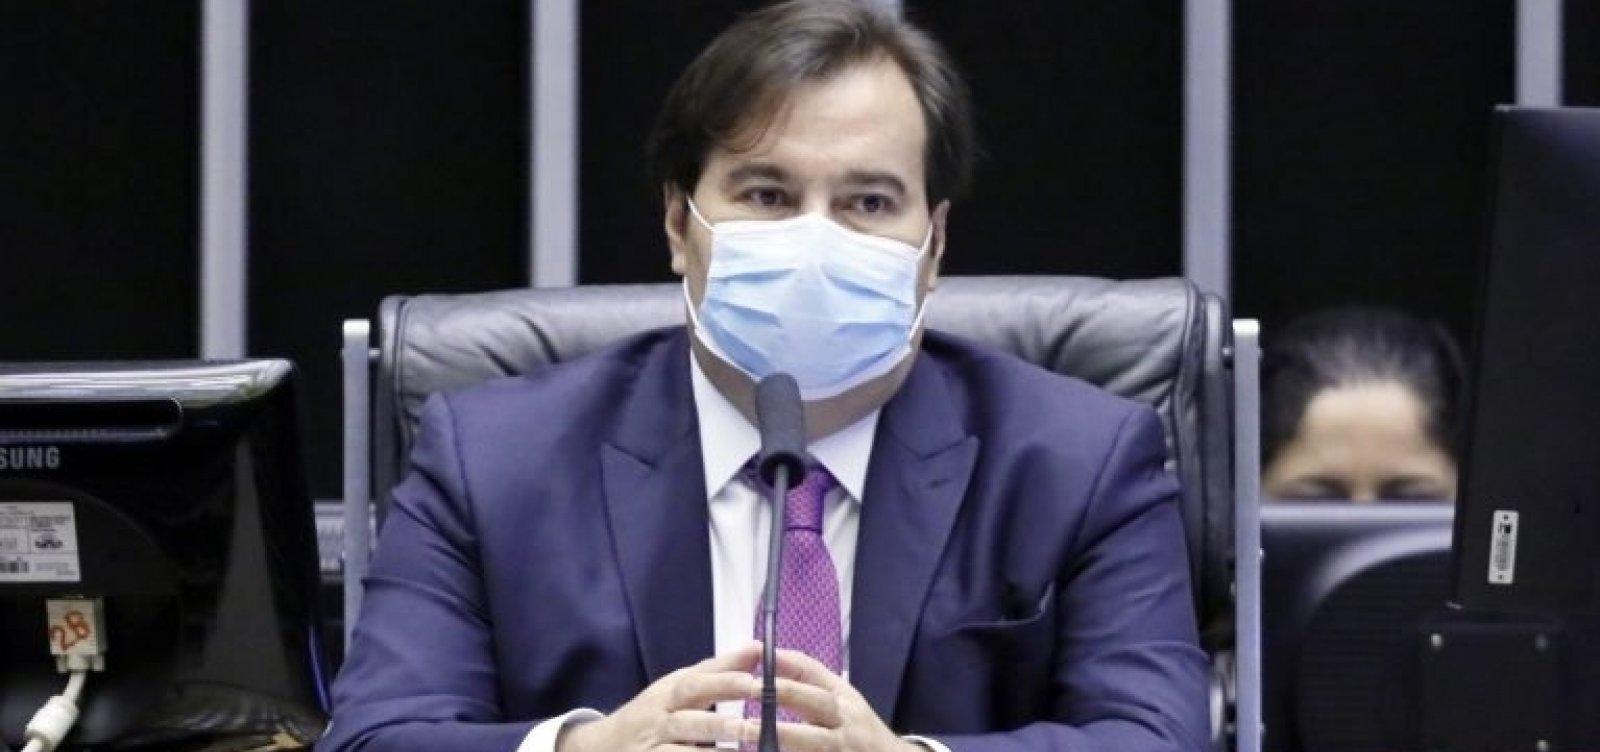 [Presidente da Câmara, Rodrigo Maia é diagnosticado com Covid-19, diz TV]